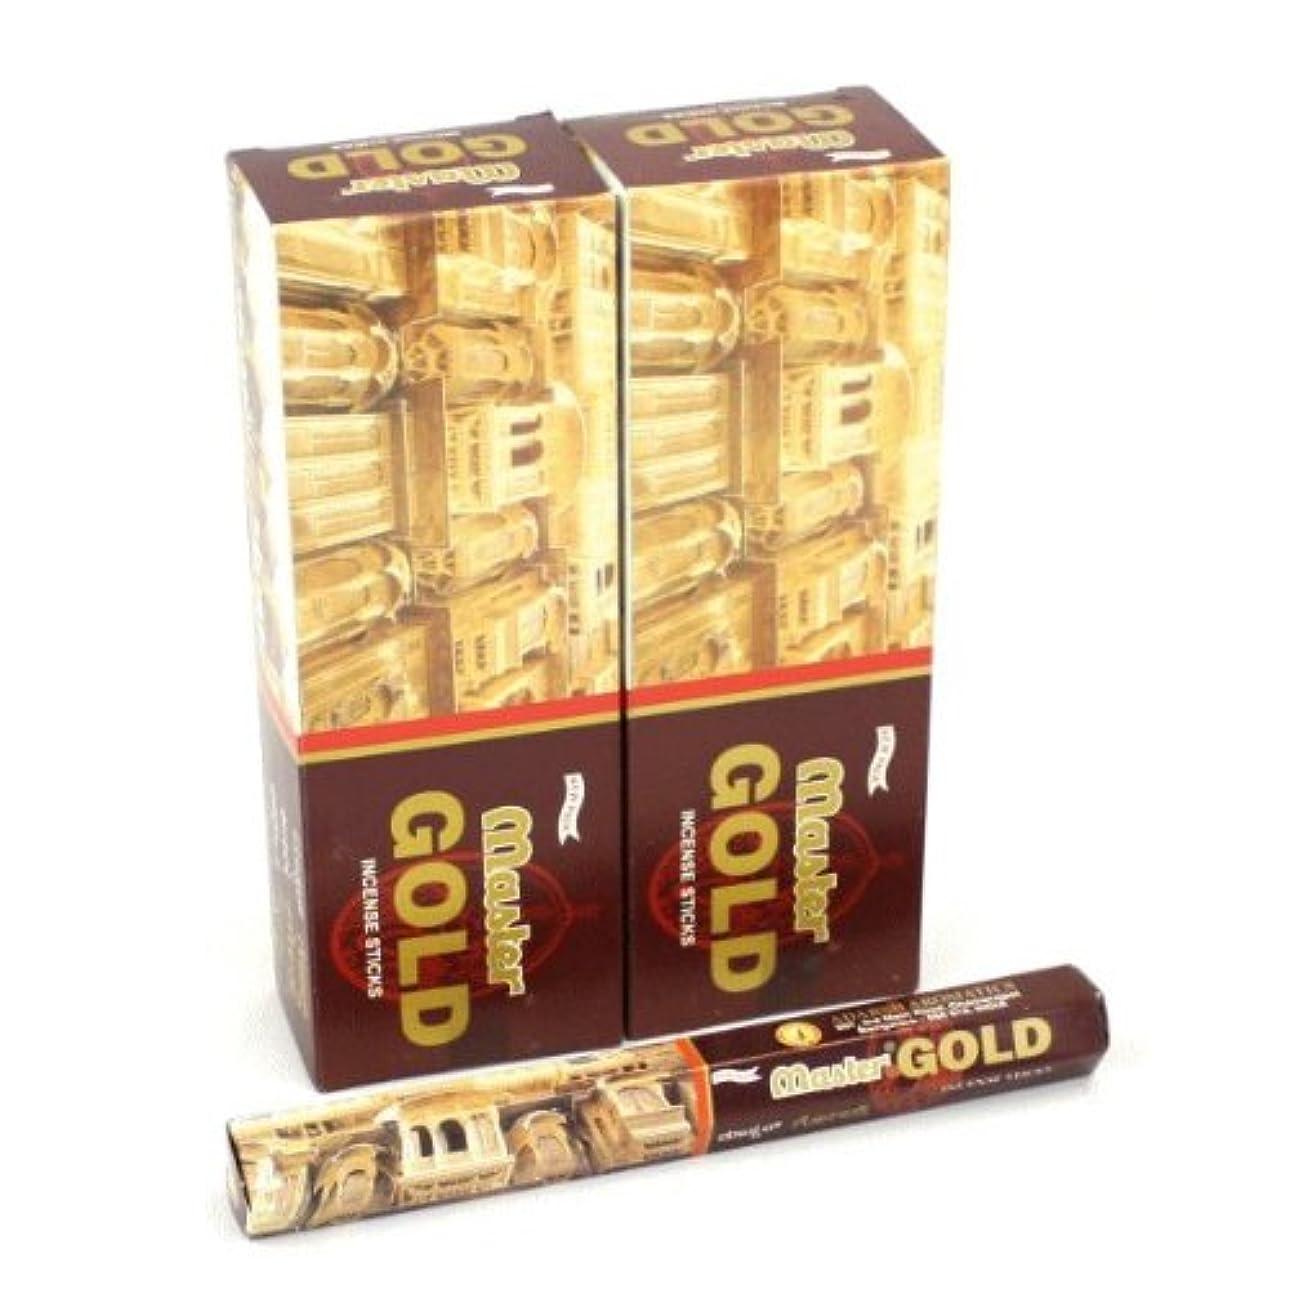 取り出すわざわざわざわざADARSH マスターゴールド香 スティック ヘキサパック(六角) 12箱セット MASTER GOLD